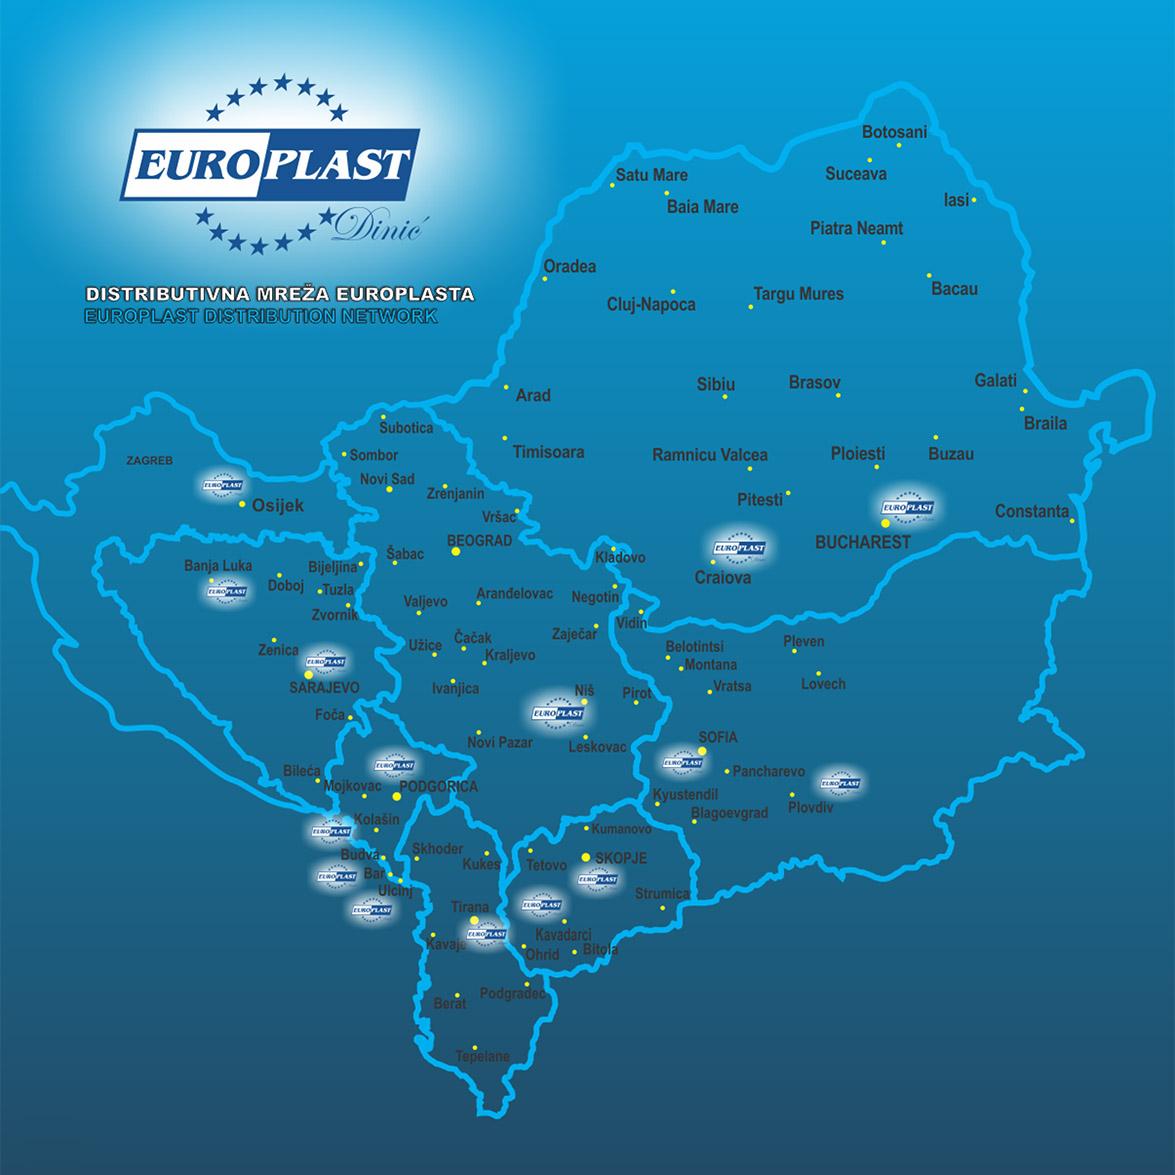 Europlast distributivna mreža